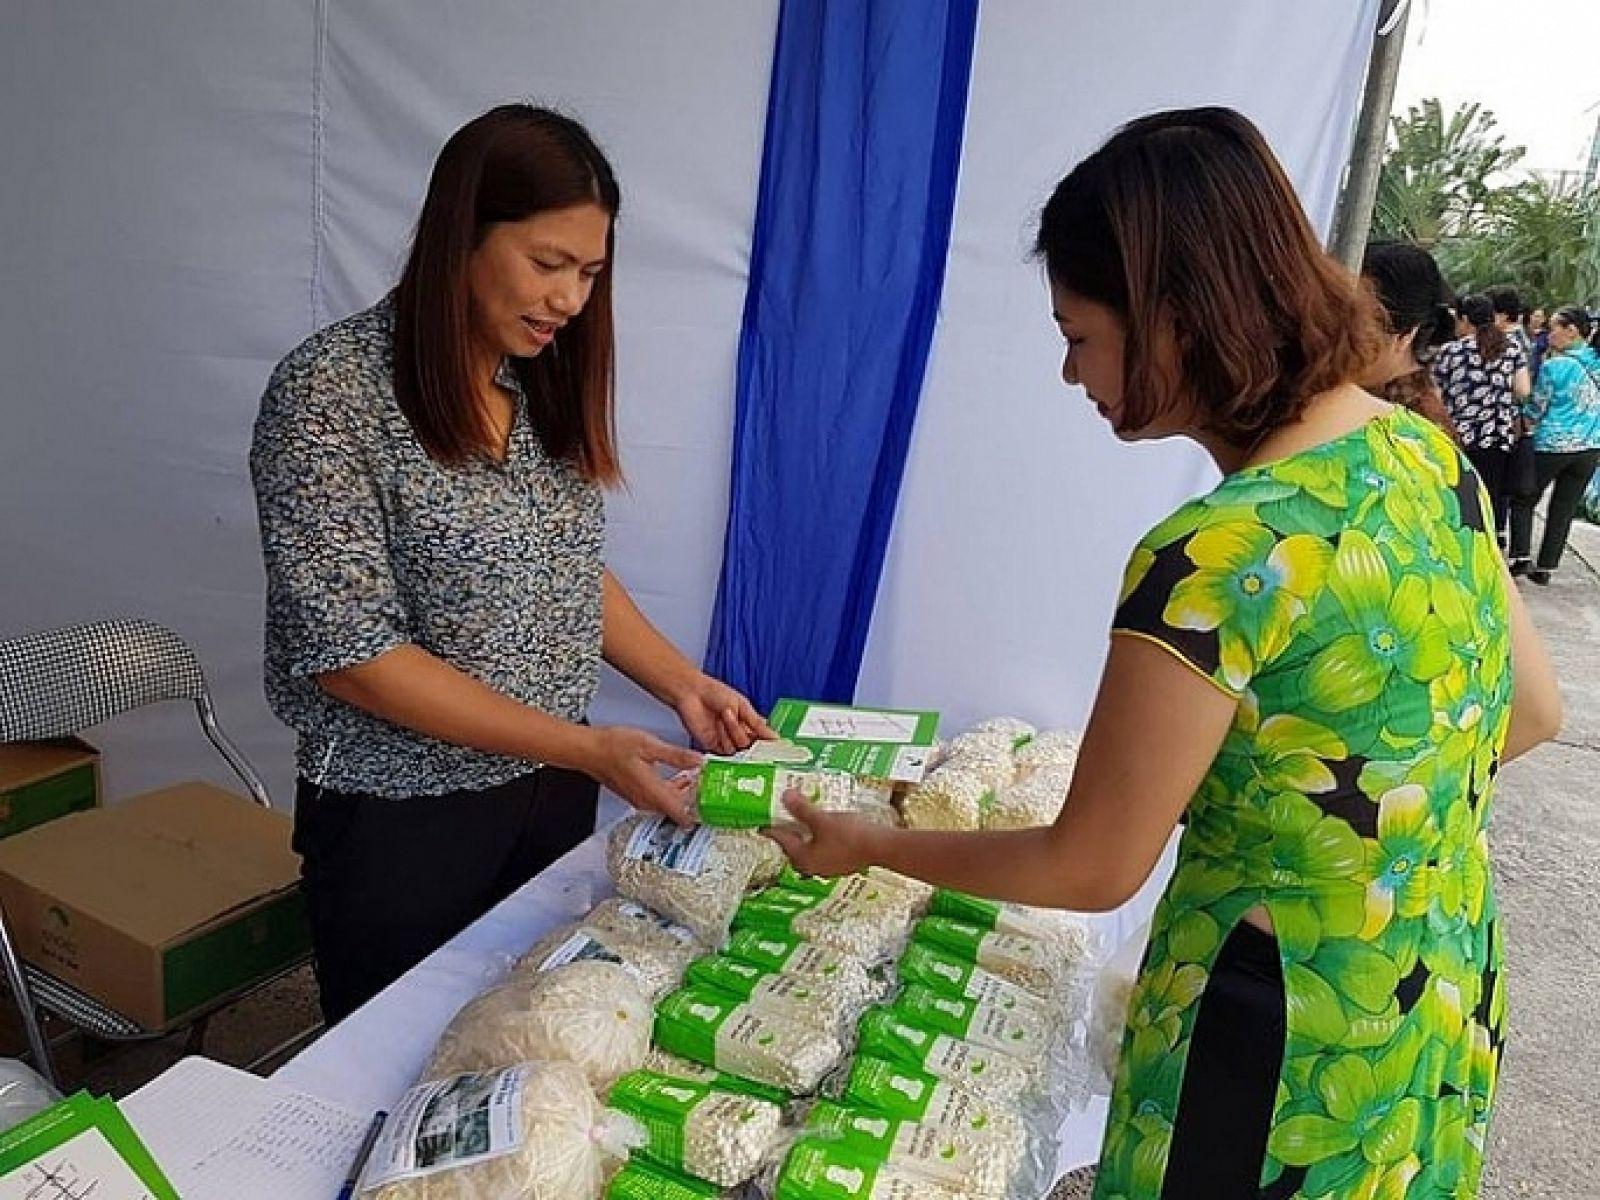 Phụ nữ Thủ đô với những sản phẩn trong ngày hội Phụ nữ khởi nghiệp, sáng tạo